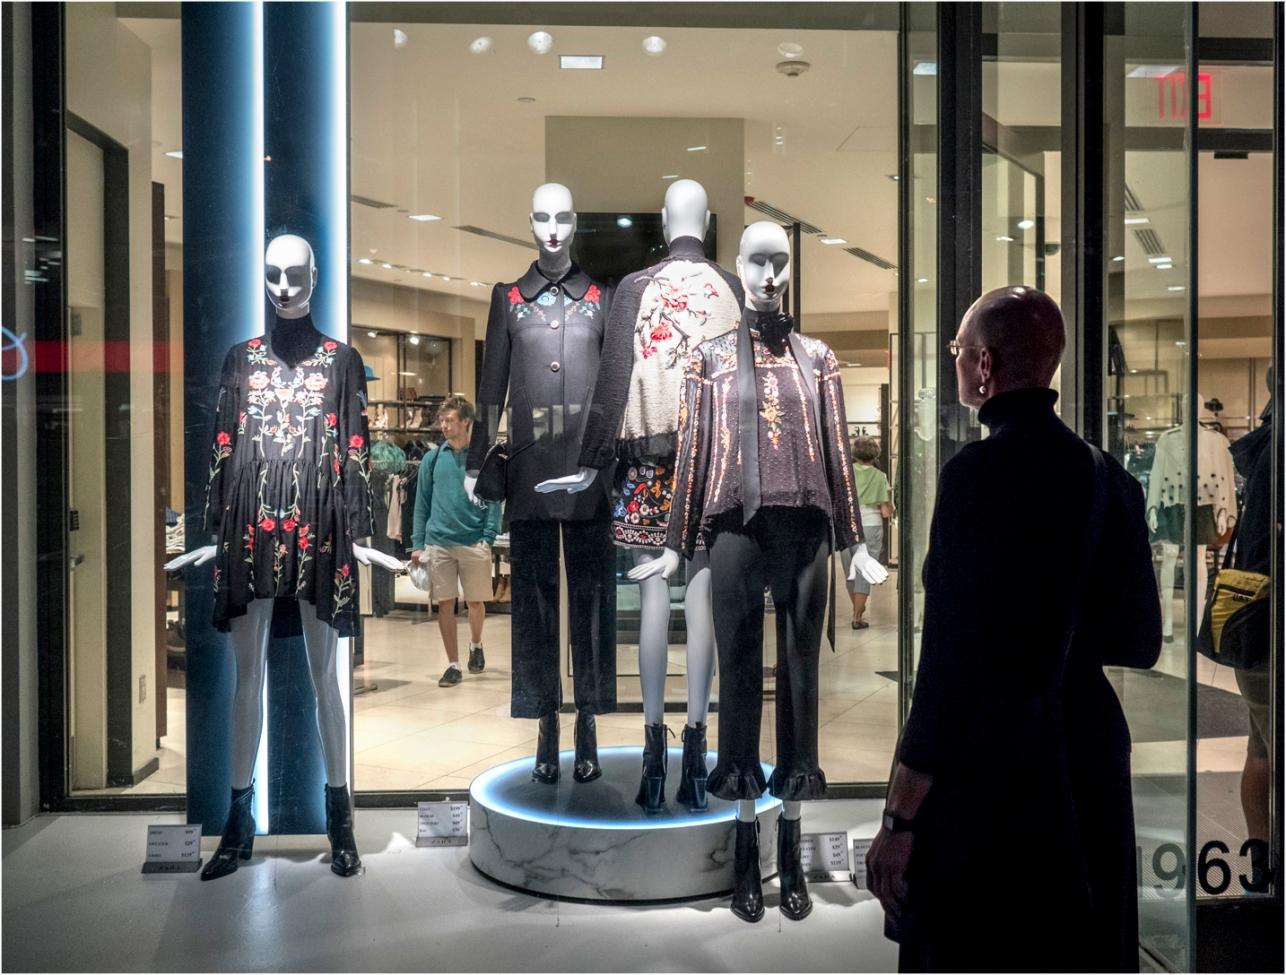 bald-woman-mannequins-2-copy